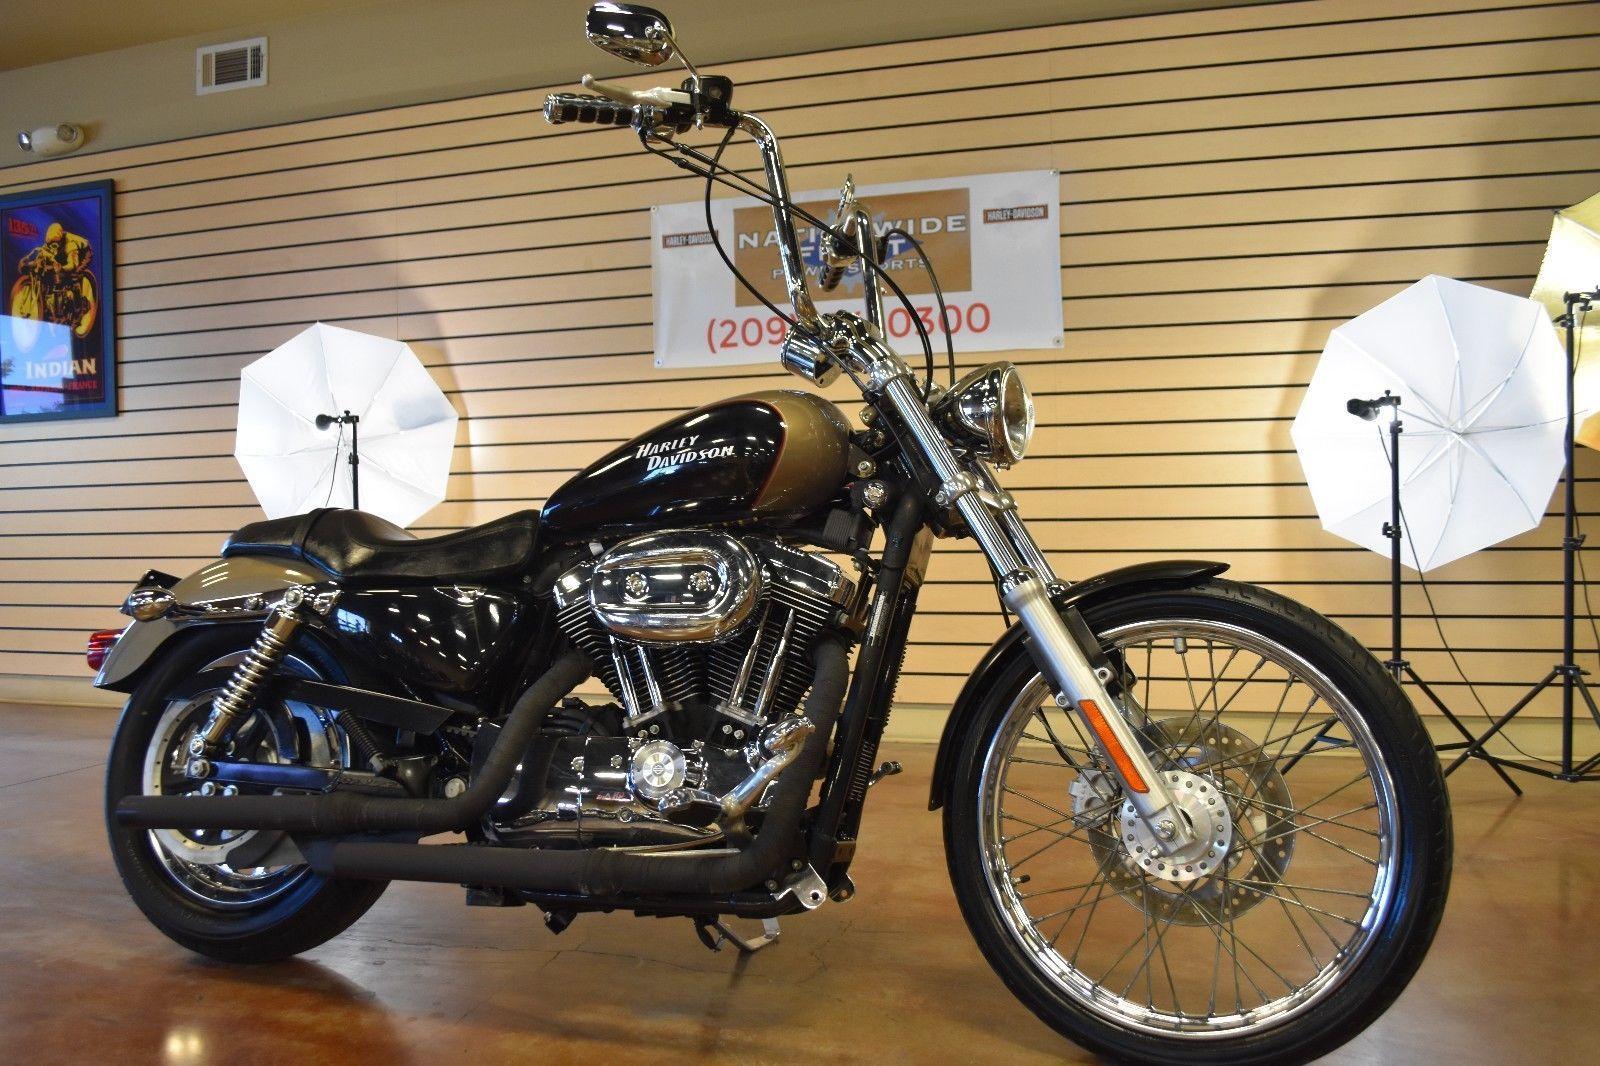 eBay: 2004 Harley-Davidson Sportster 2004 Harley Davidson Sportster XL 1200  C Custom XL1200C